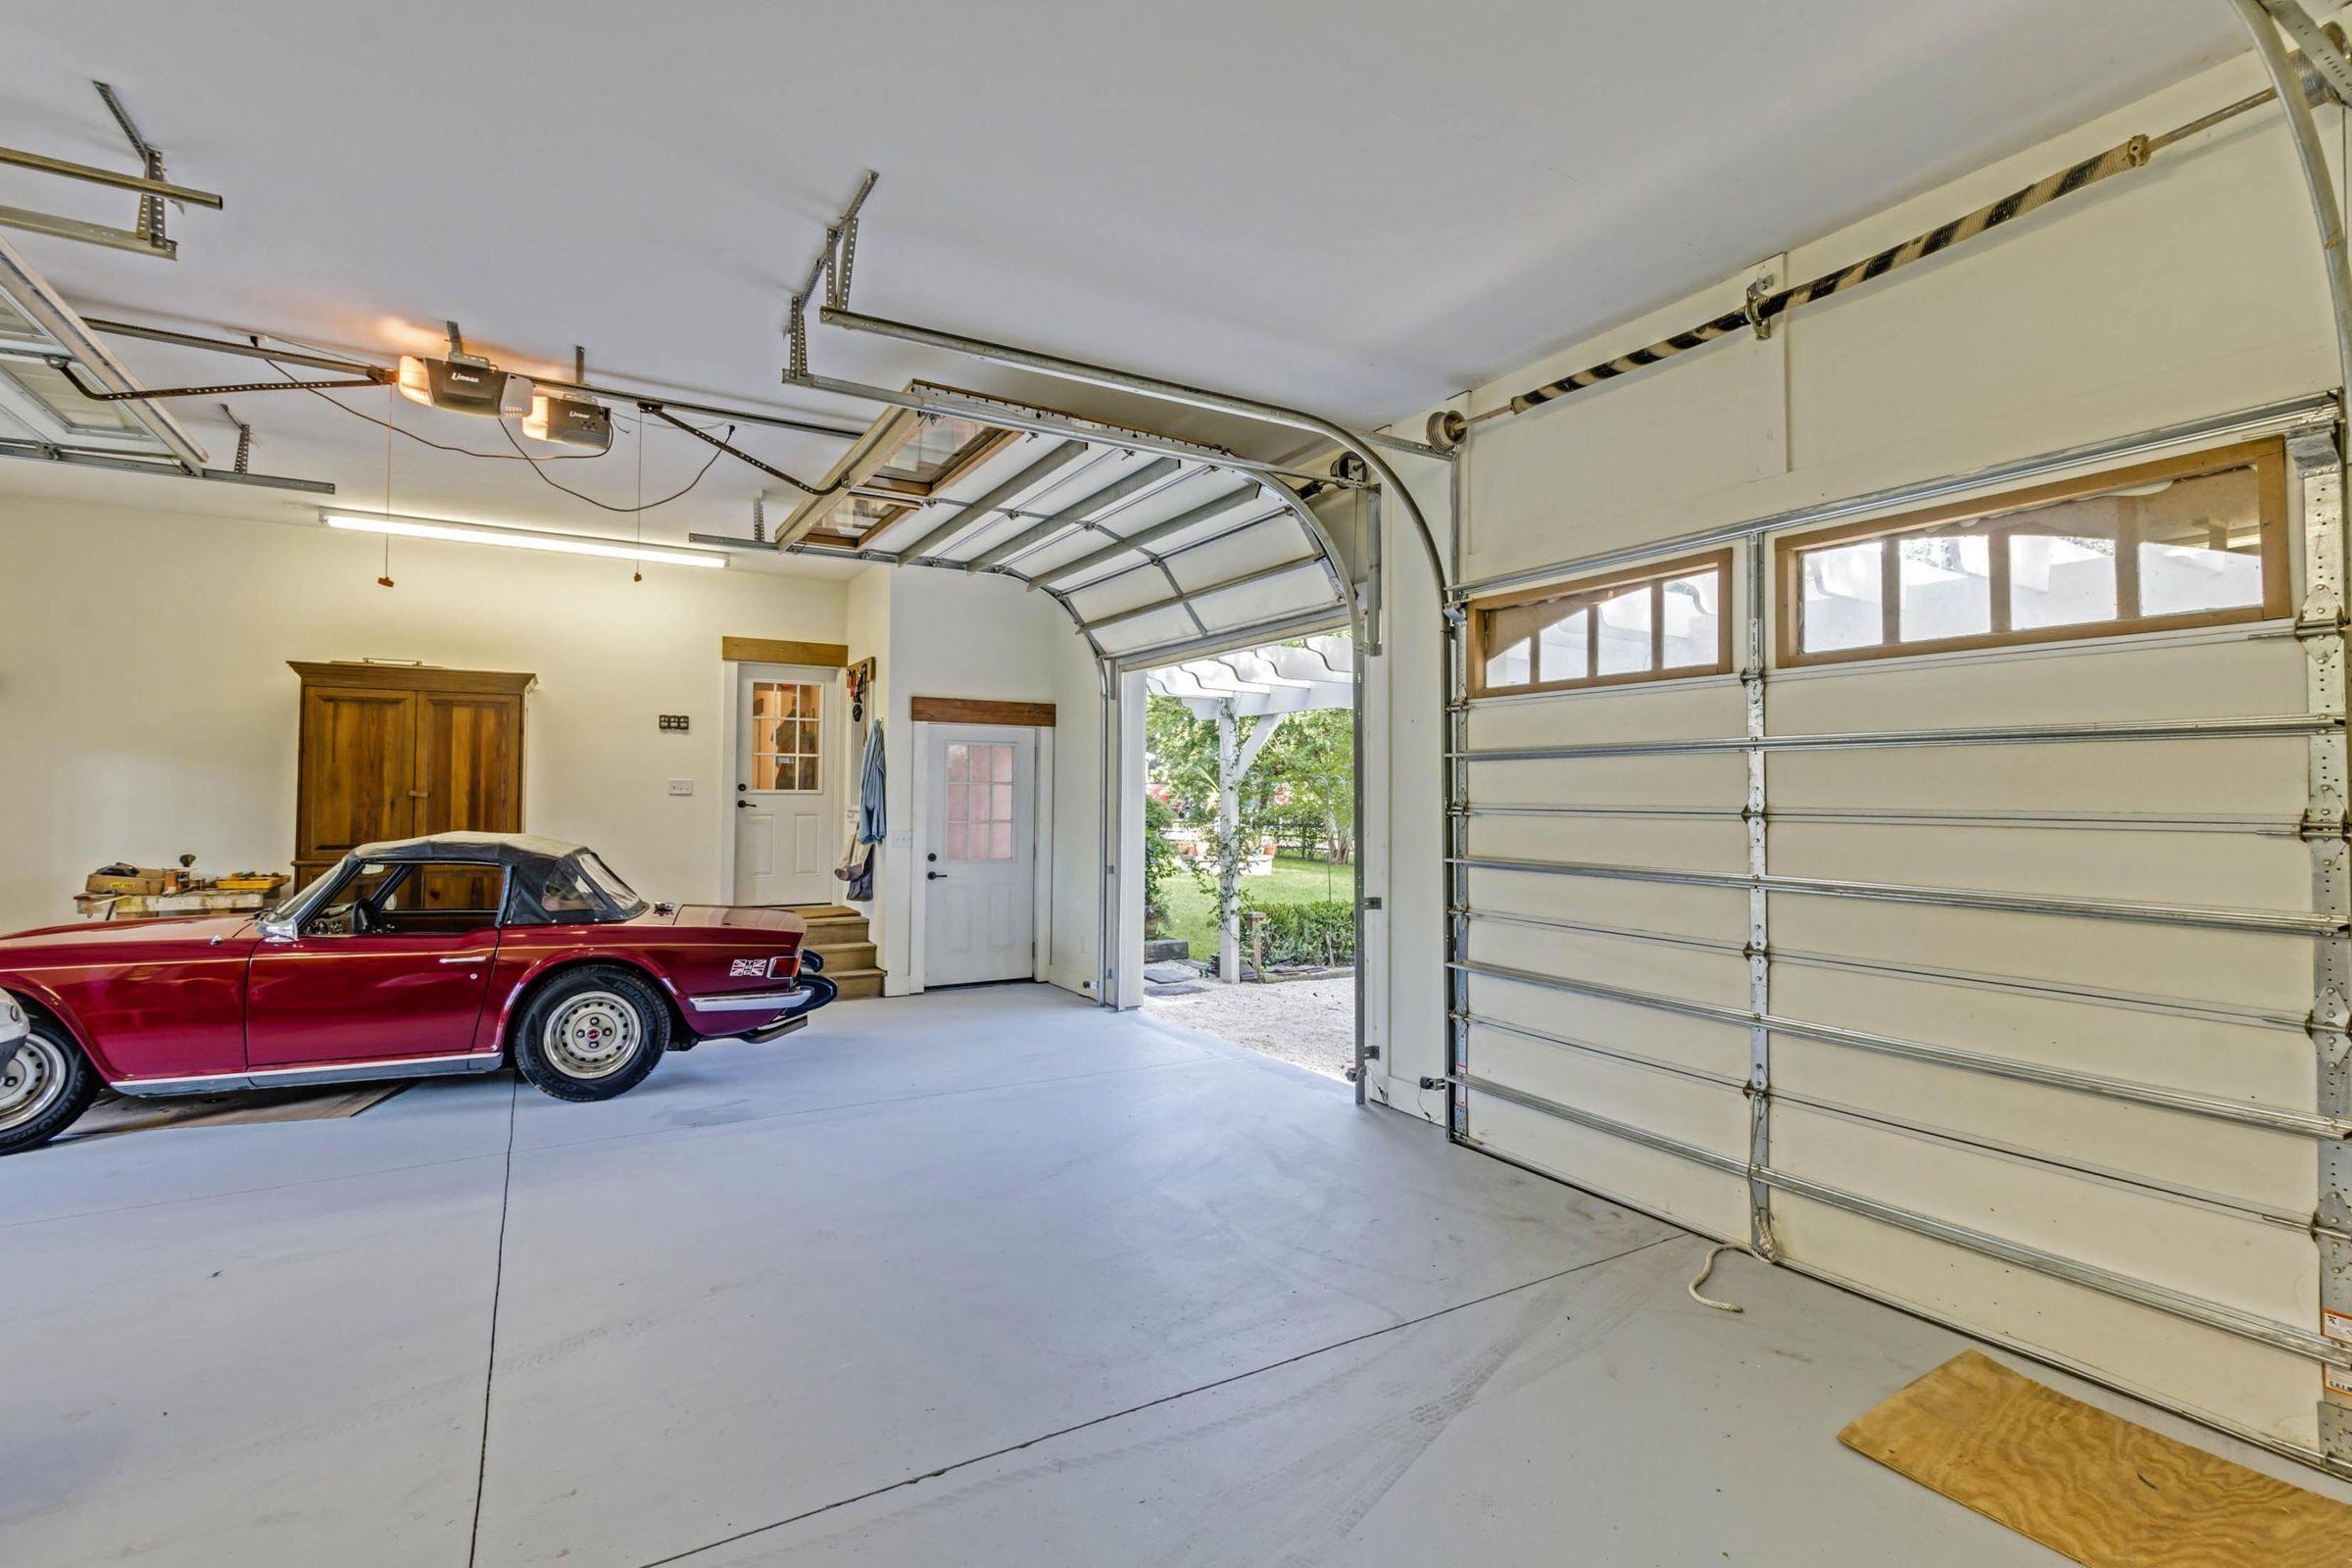 Riverland Terrace Homes For Sale - 2033 Frampton, Charleston, SC - 42